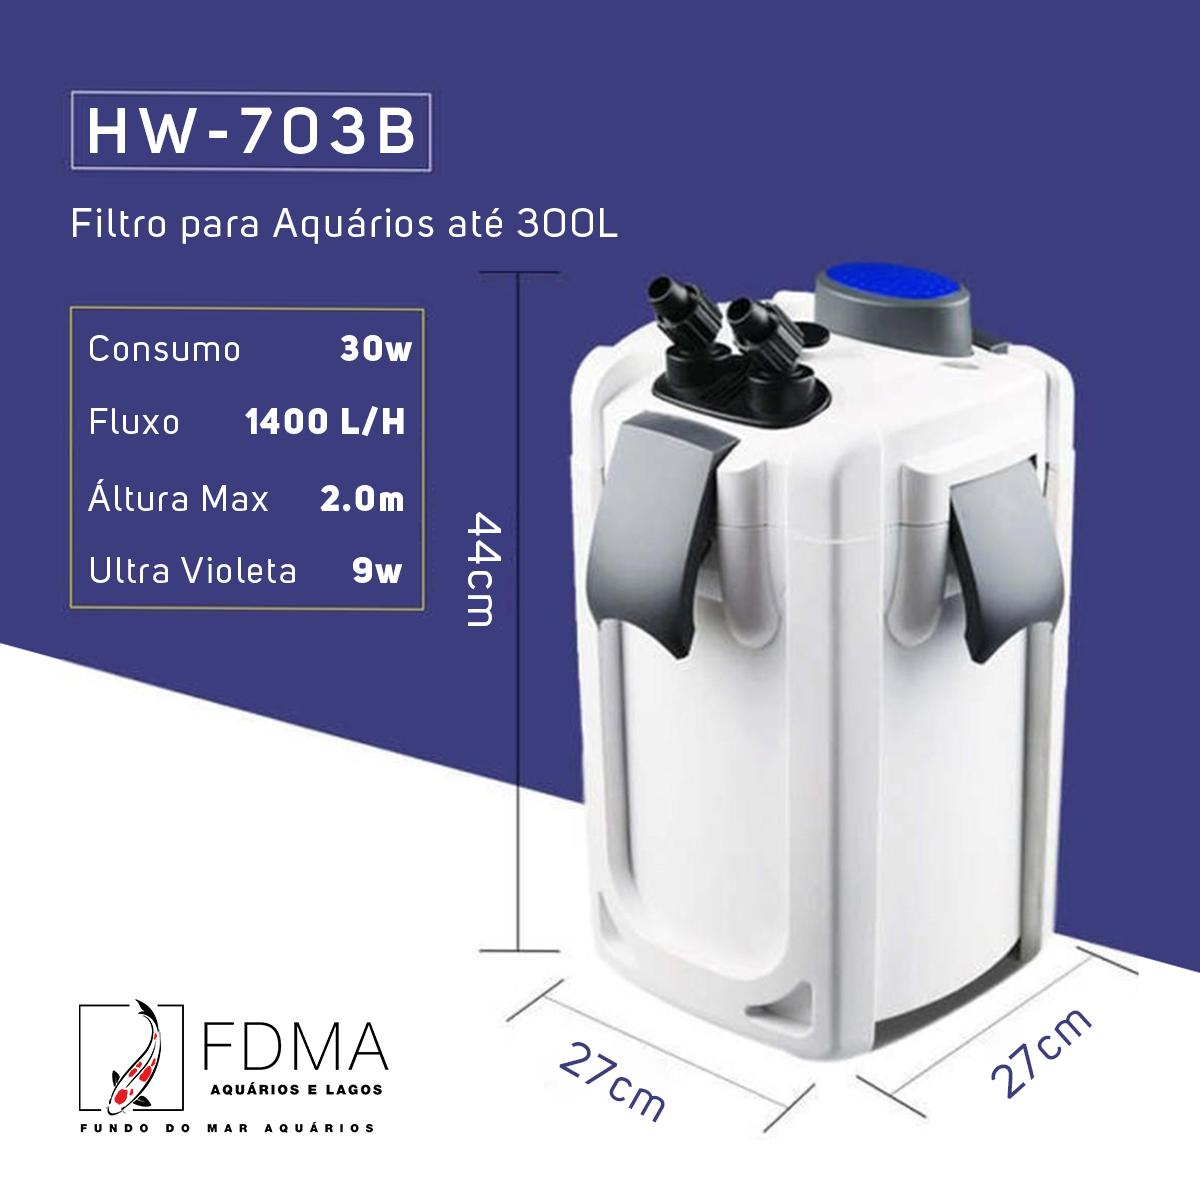 SunSun Filtro Canister Hw-704b 2000l/h Uv 9w até 400L Brinde